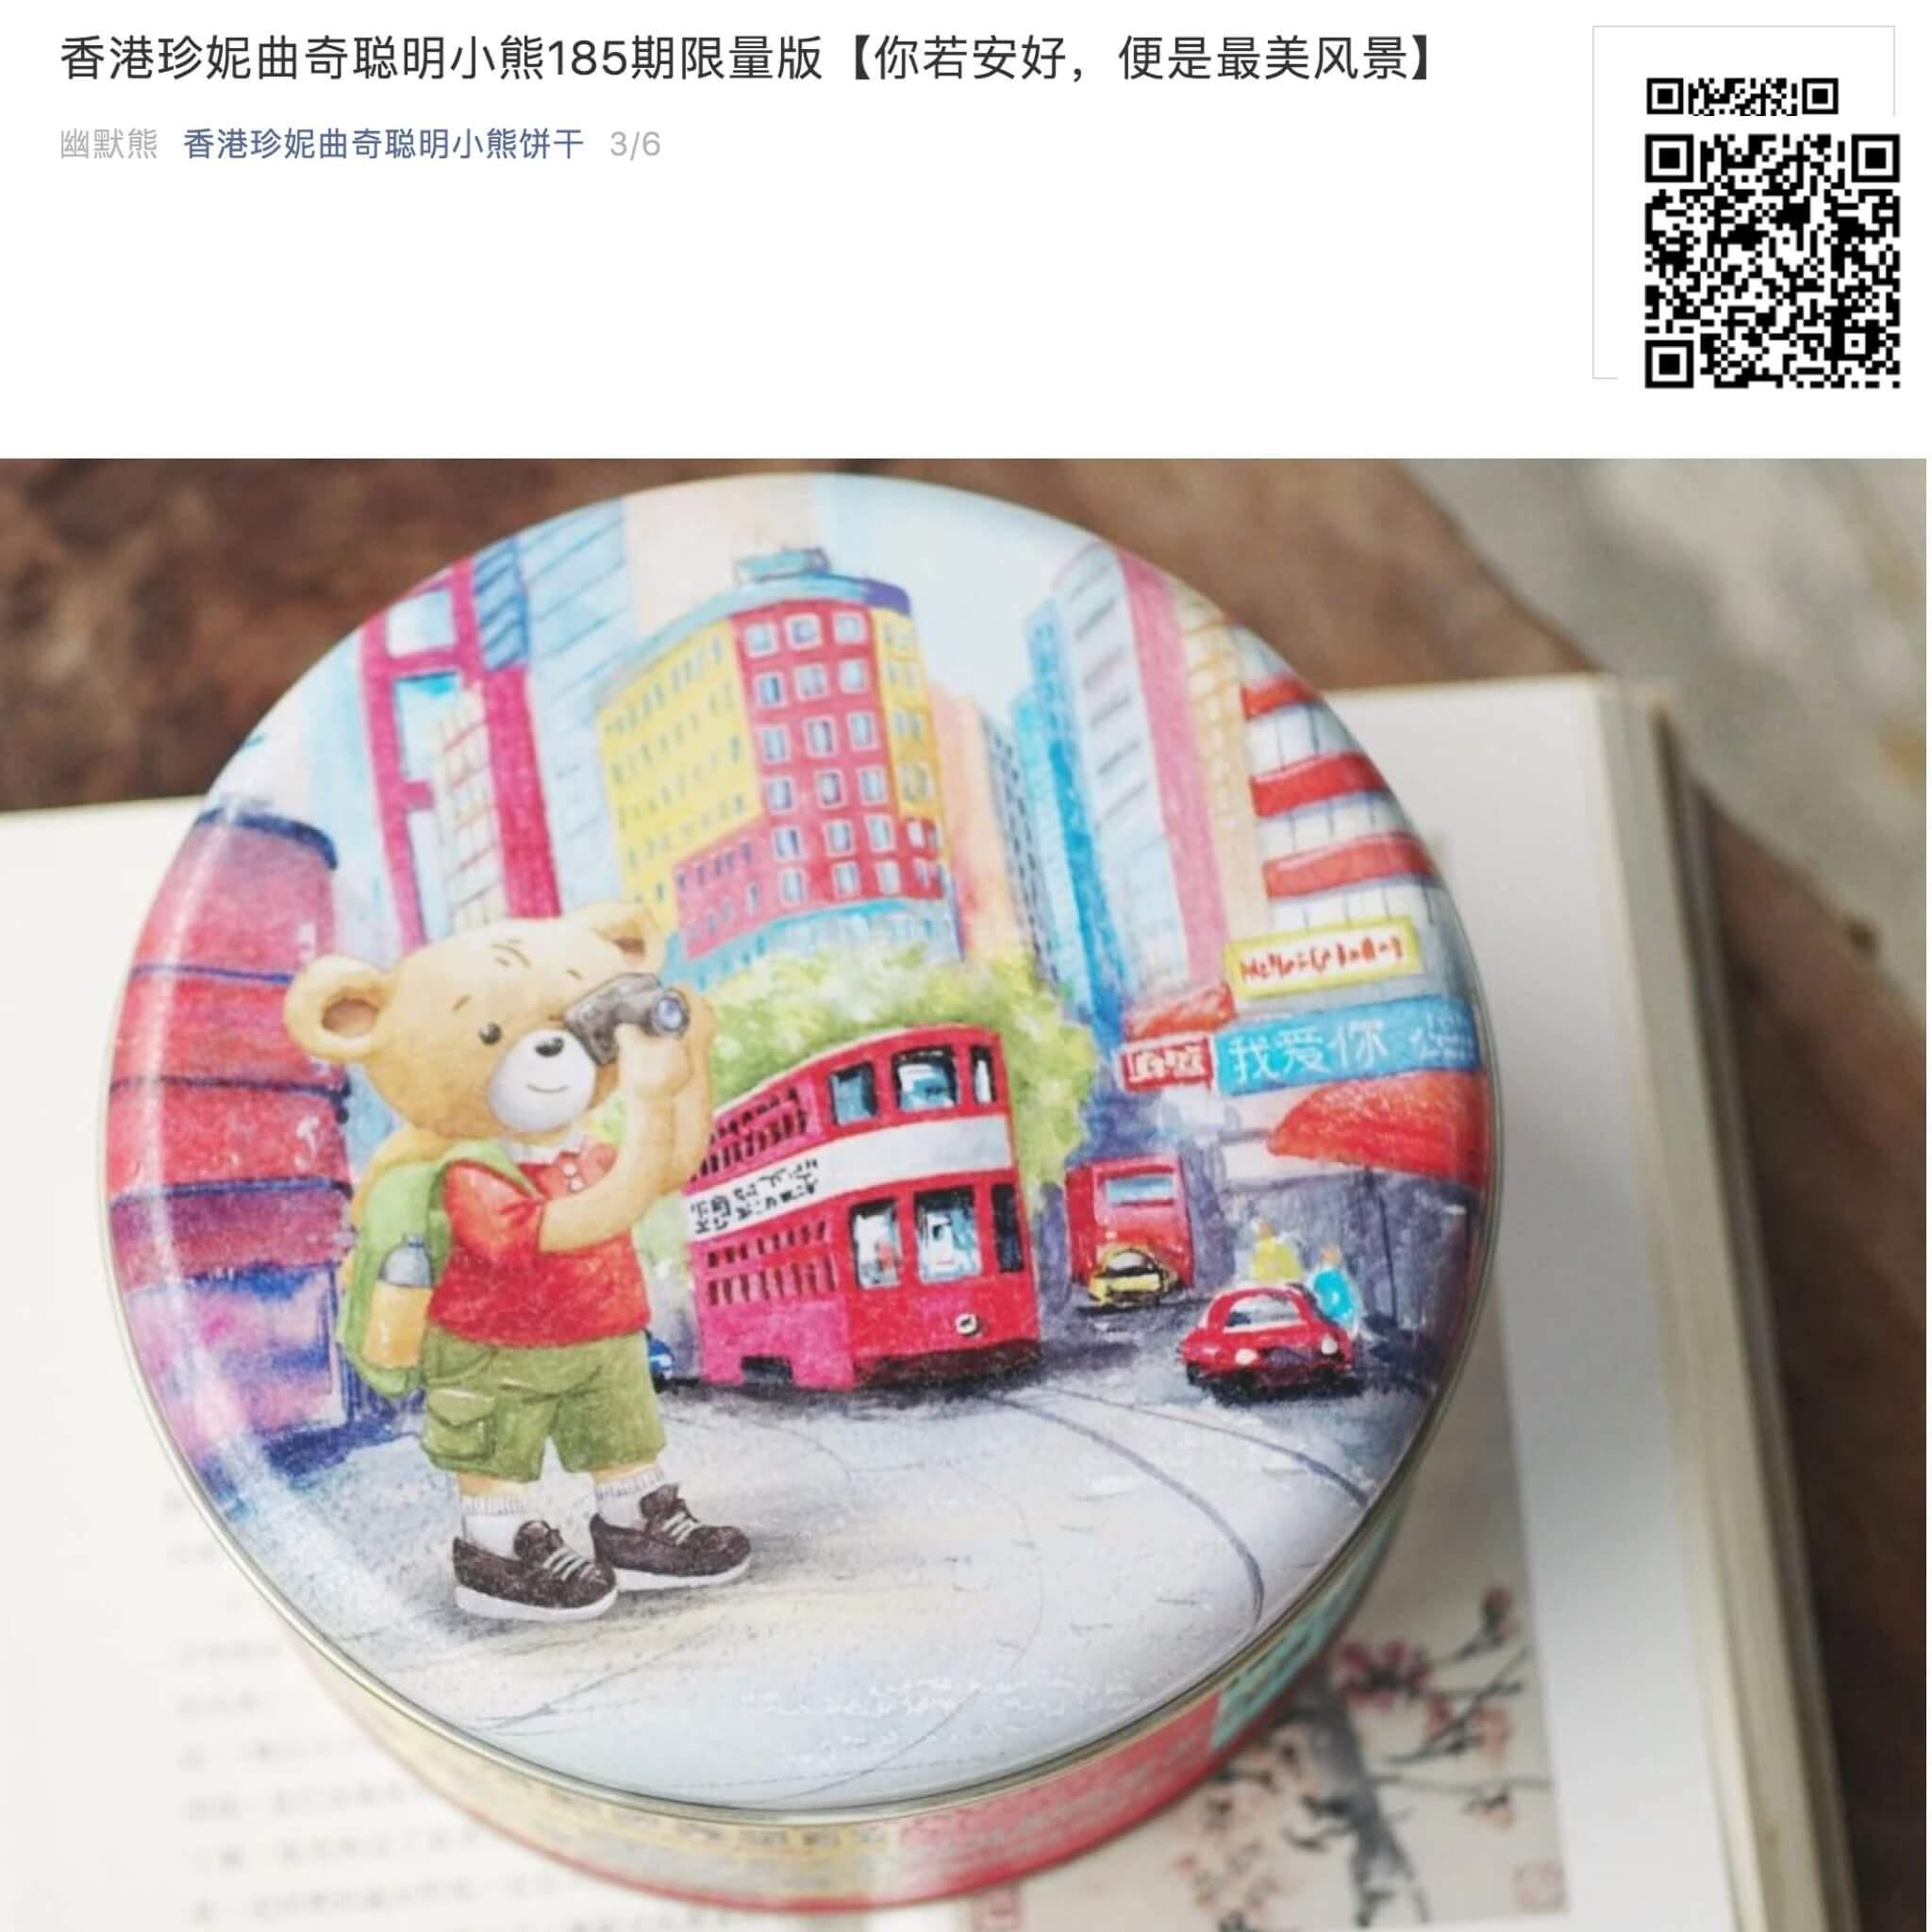 中国 (China) | 20200418 Google